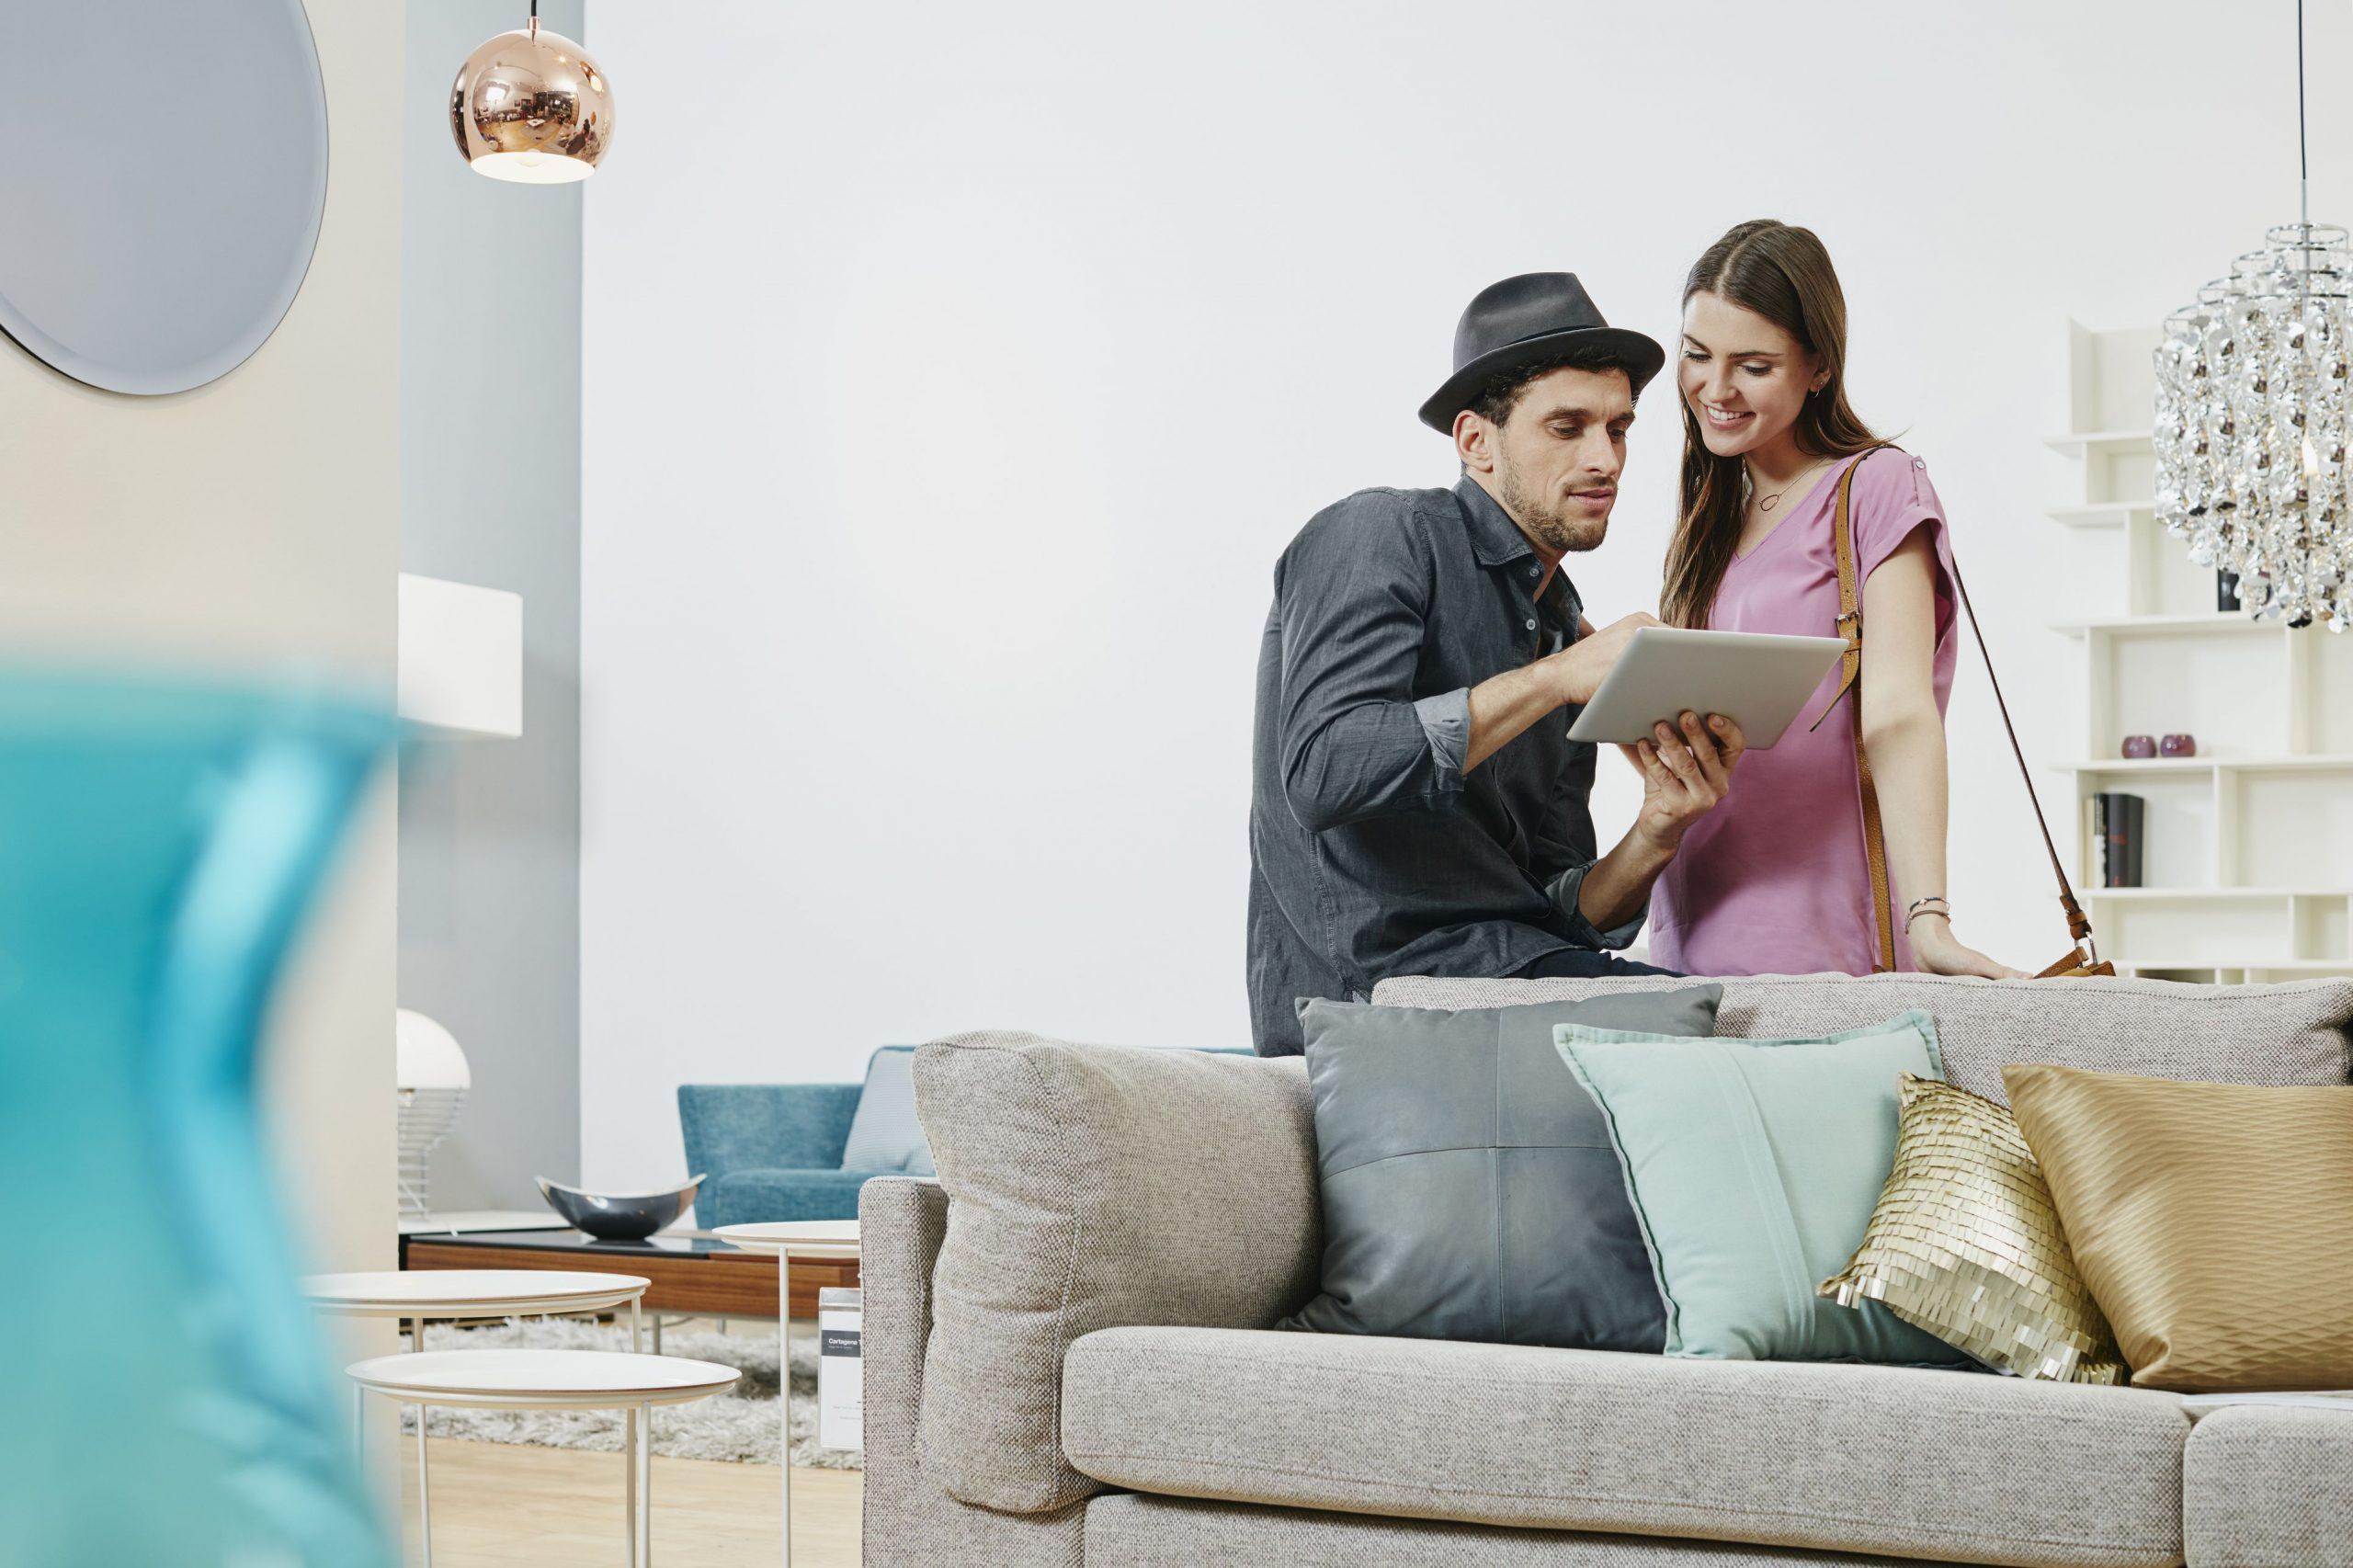 Möbel Ideen - Möbel online kaufen und verkaufen